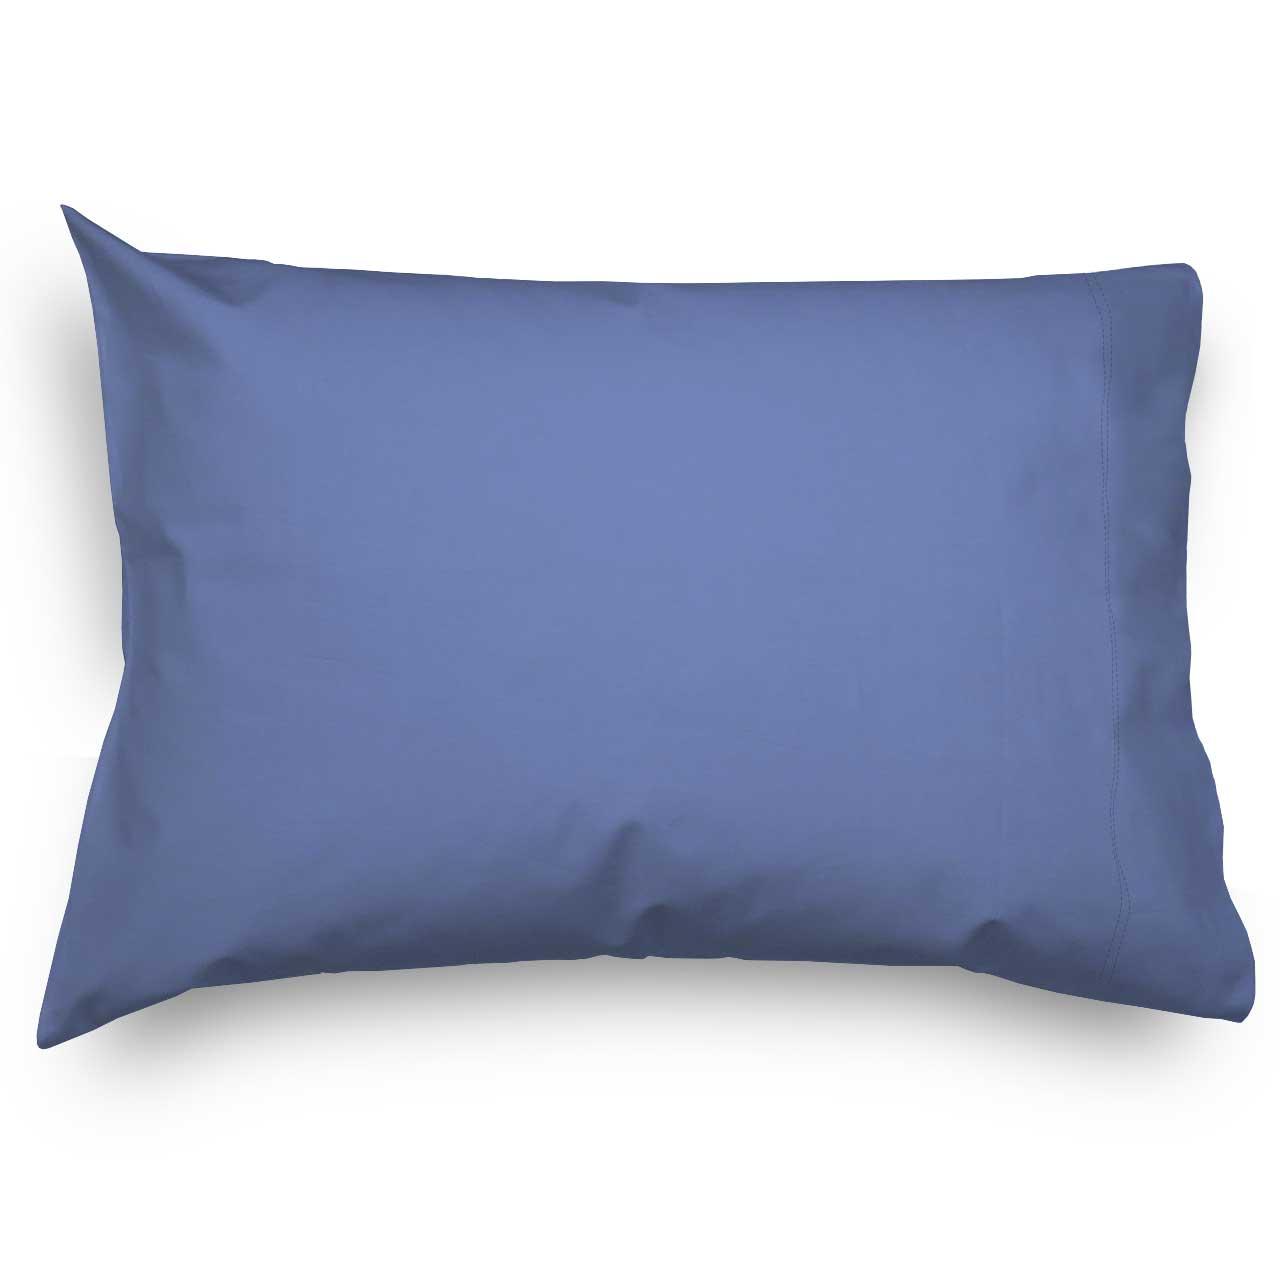 Flannel Pillow Case Denim Blue Twin Pillow Cases